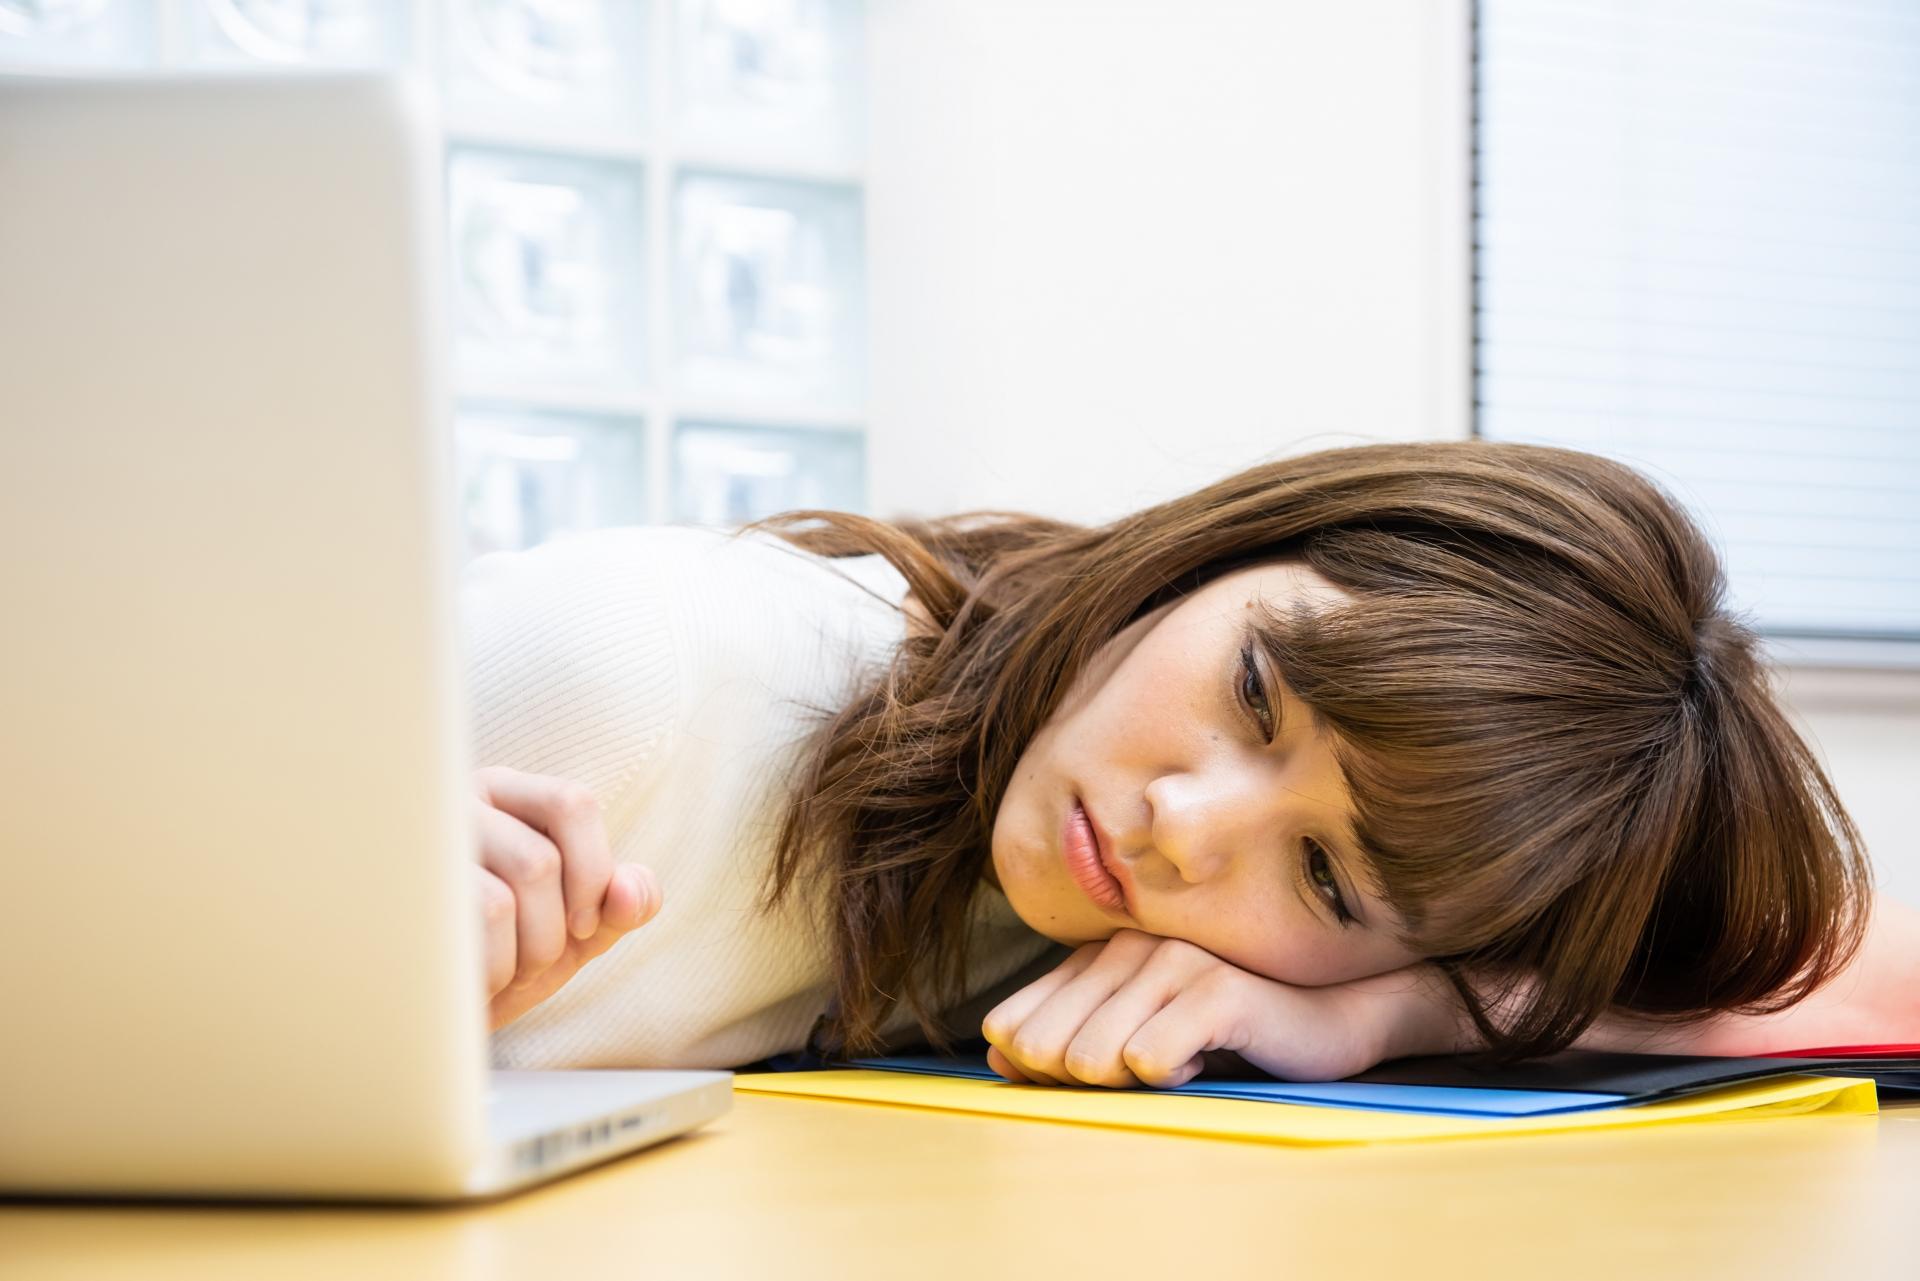 体が弱く、すぐ体調を崩す。寝込む。虚弱体質の原因と改善法。 | 天心 ...